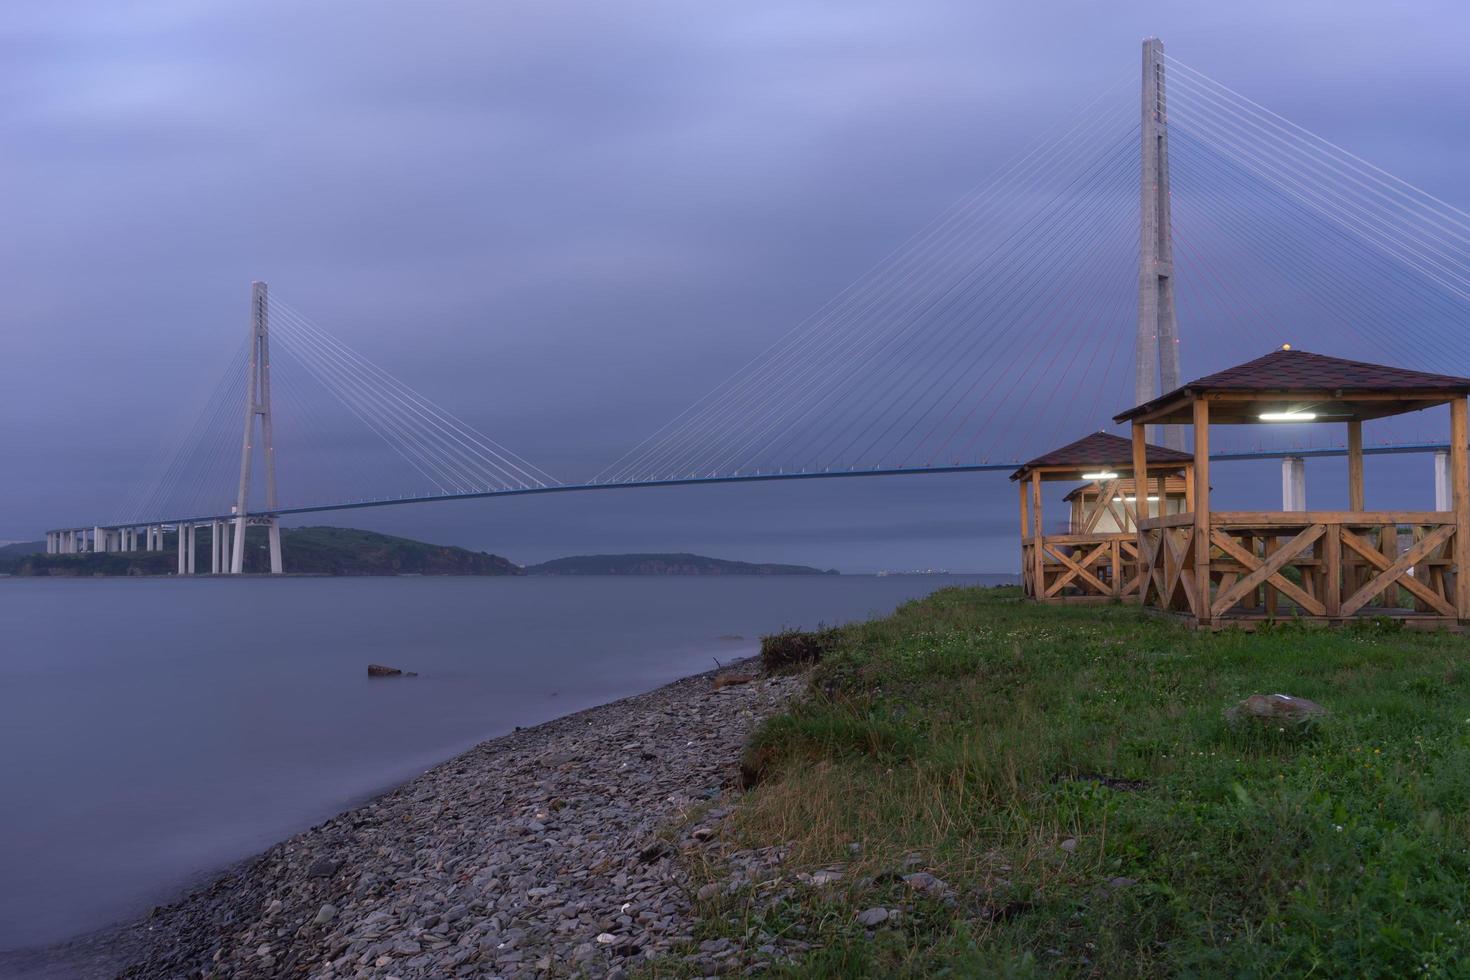 russky brug en waterlichaam in vladivostok, rusland foto